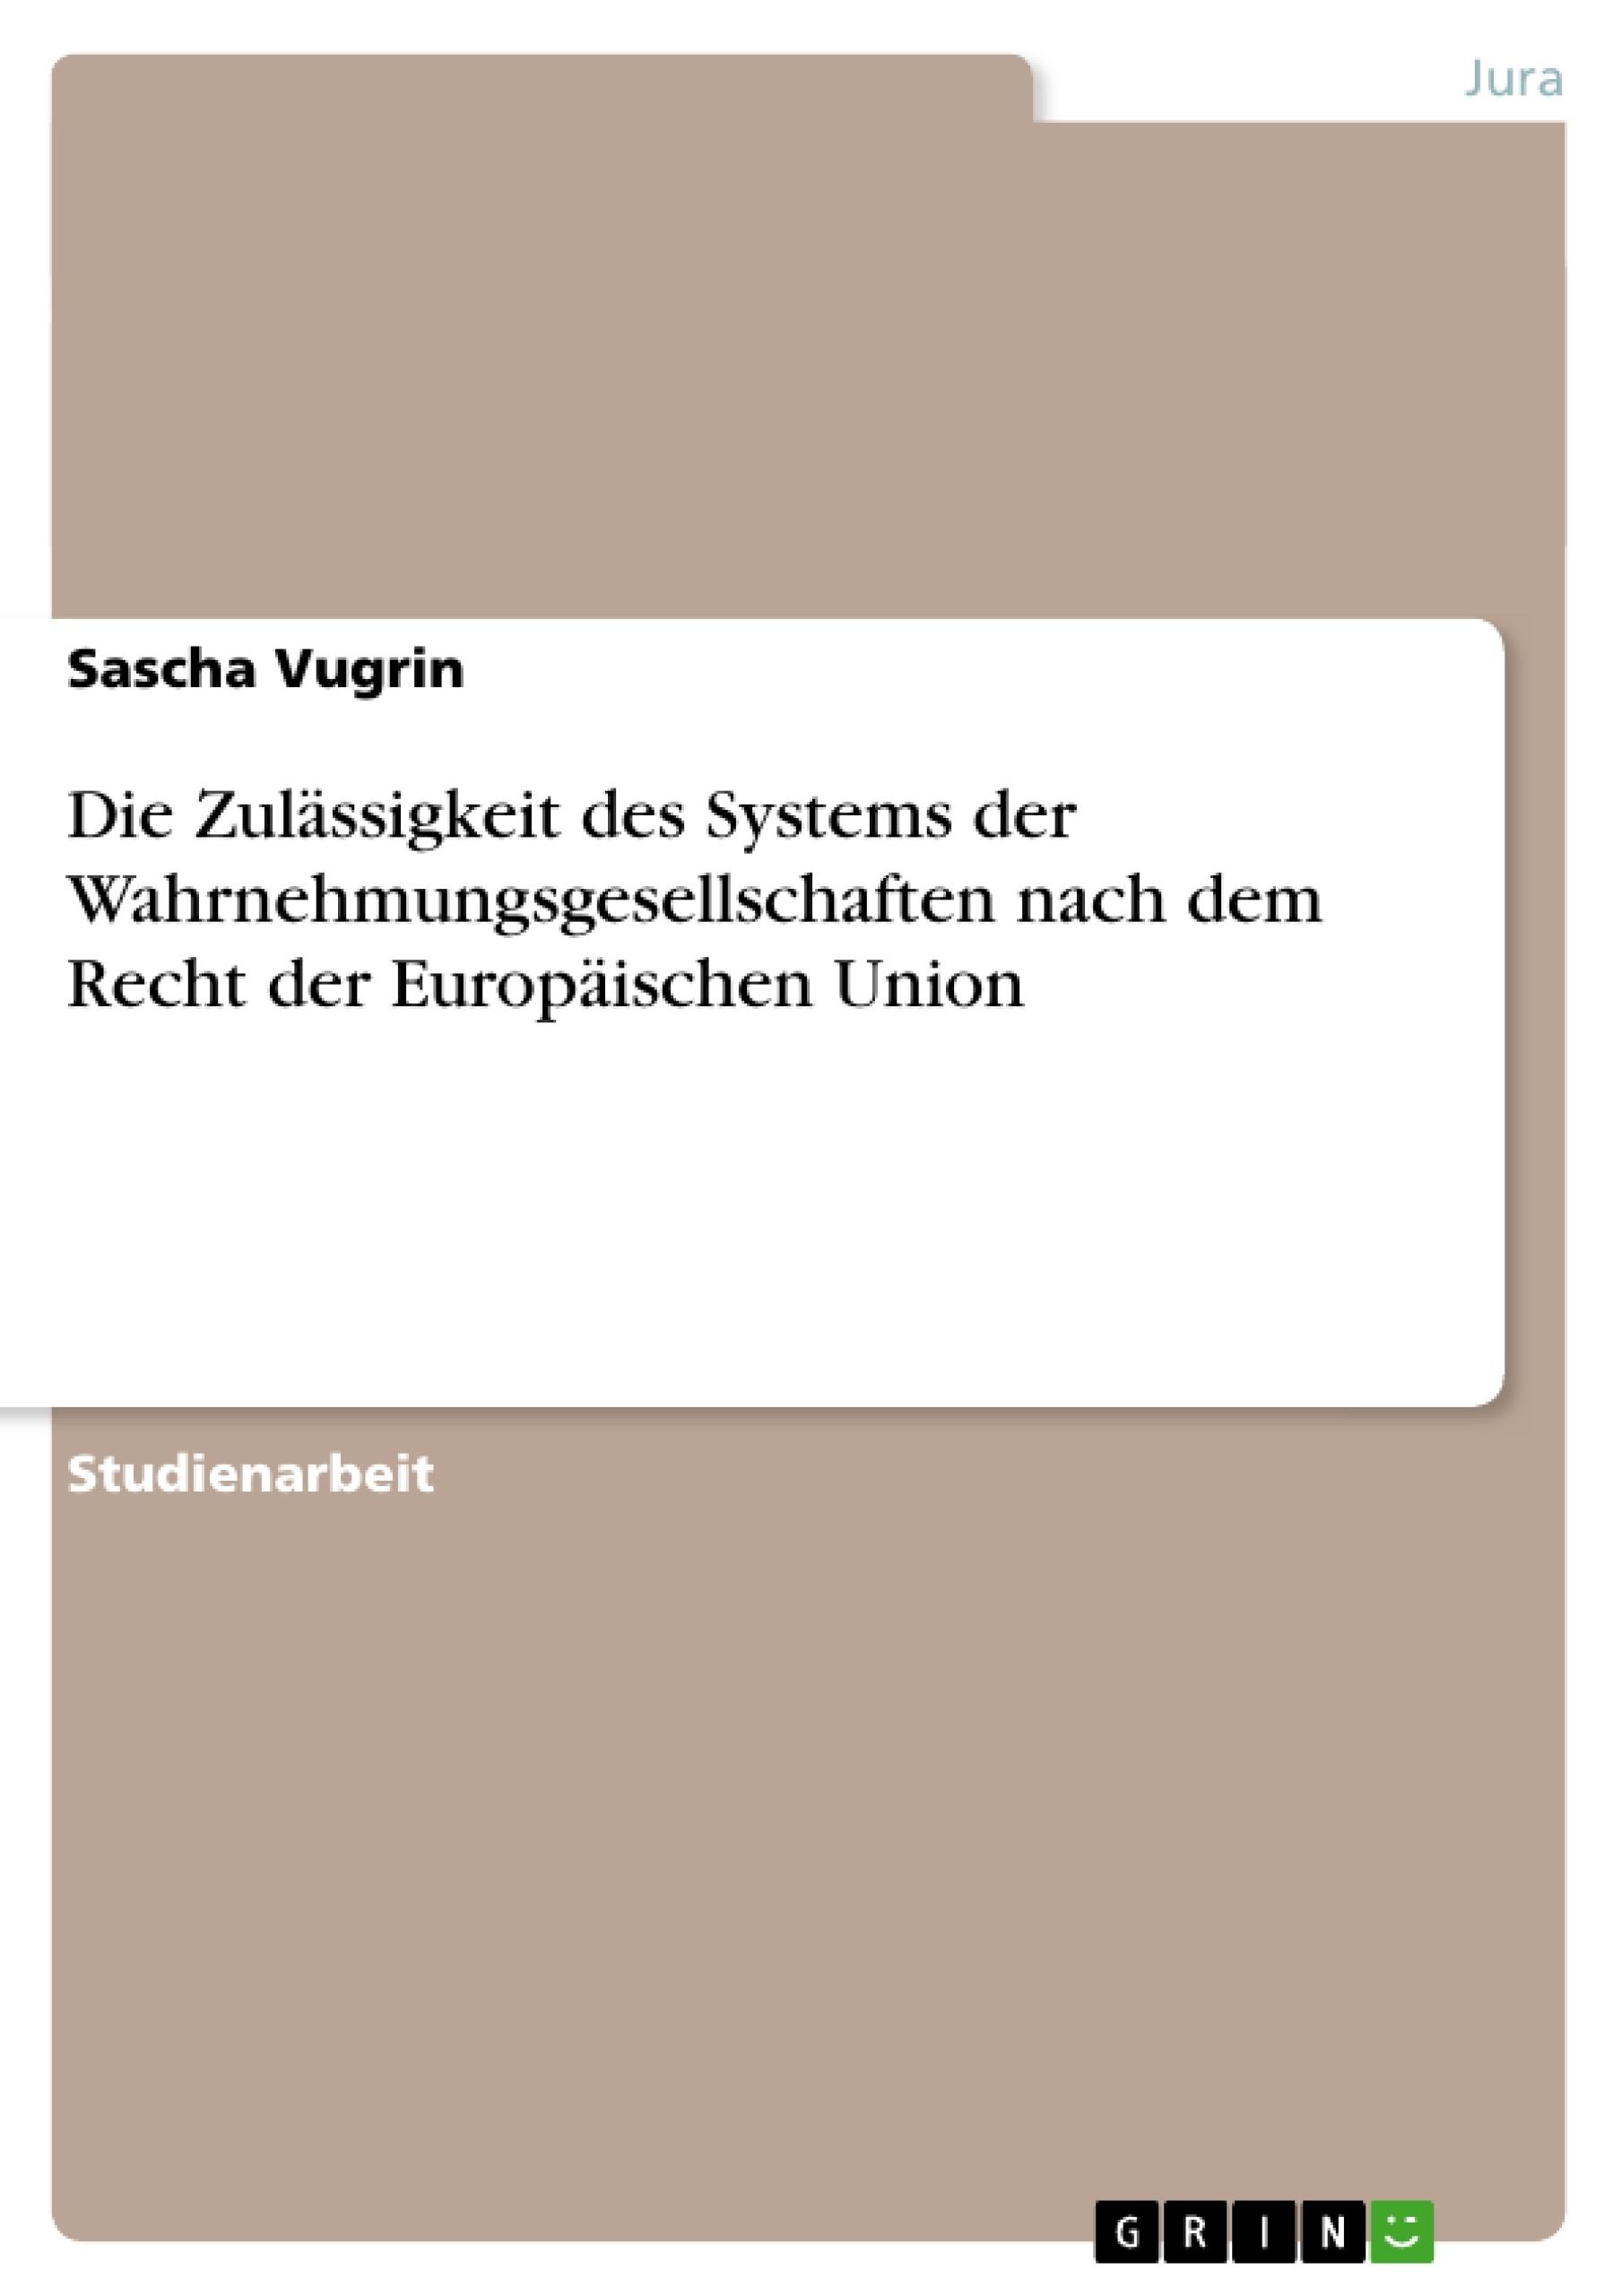 Titel: Die Zulässigkeit des Systems der  Wahrnehmungsgesellschaften nach dem Recht der Europäischen Union